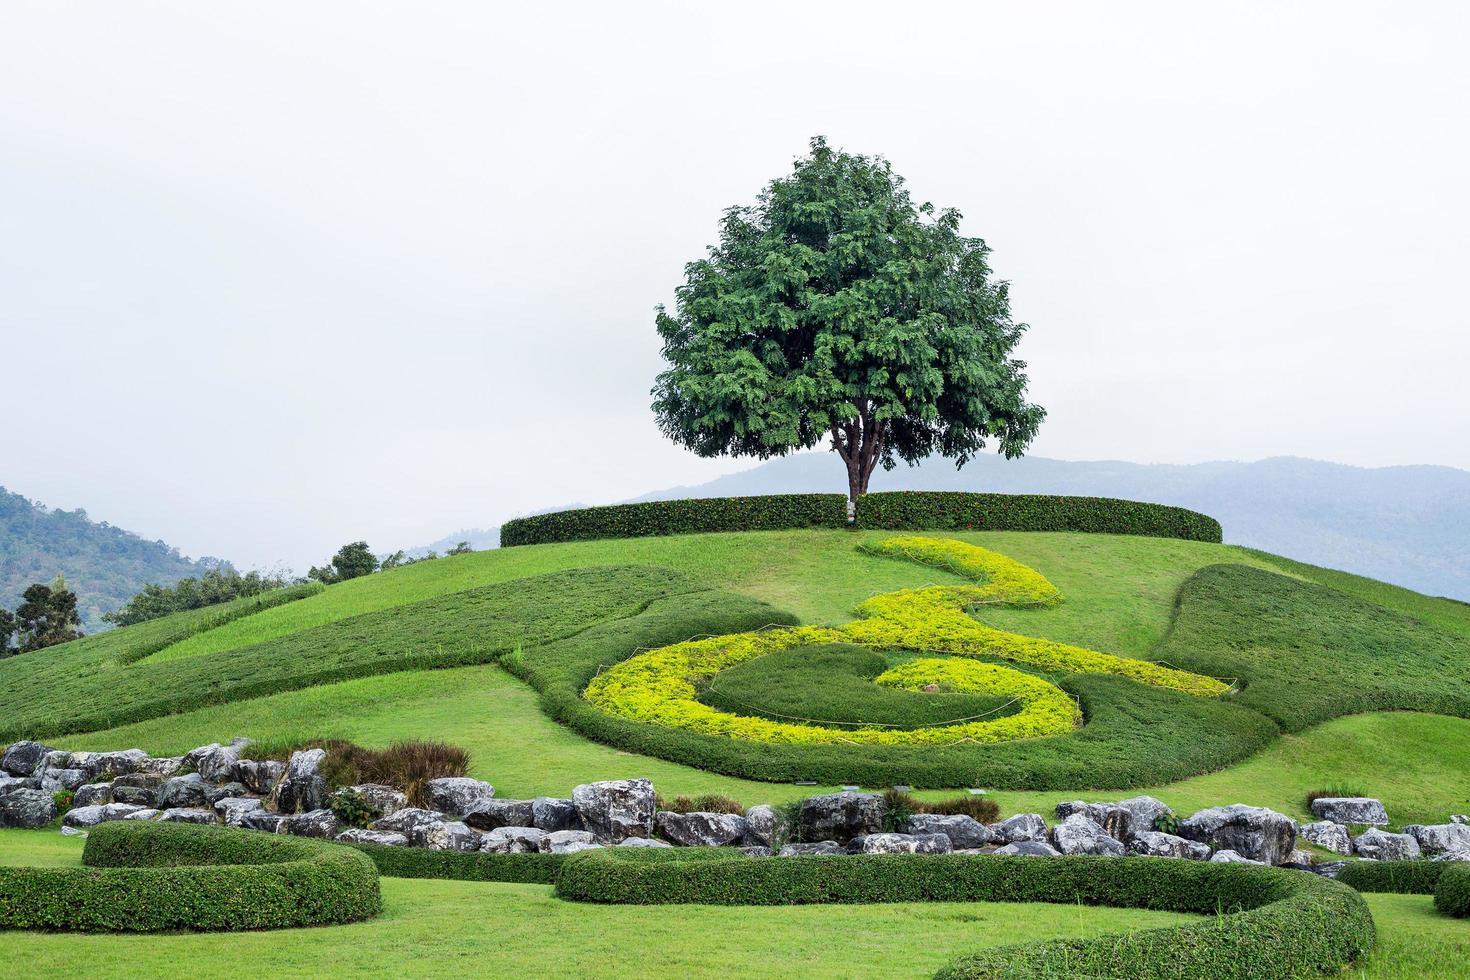 vacker trädgård i harmoni med naturen. foto